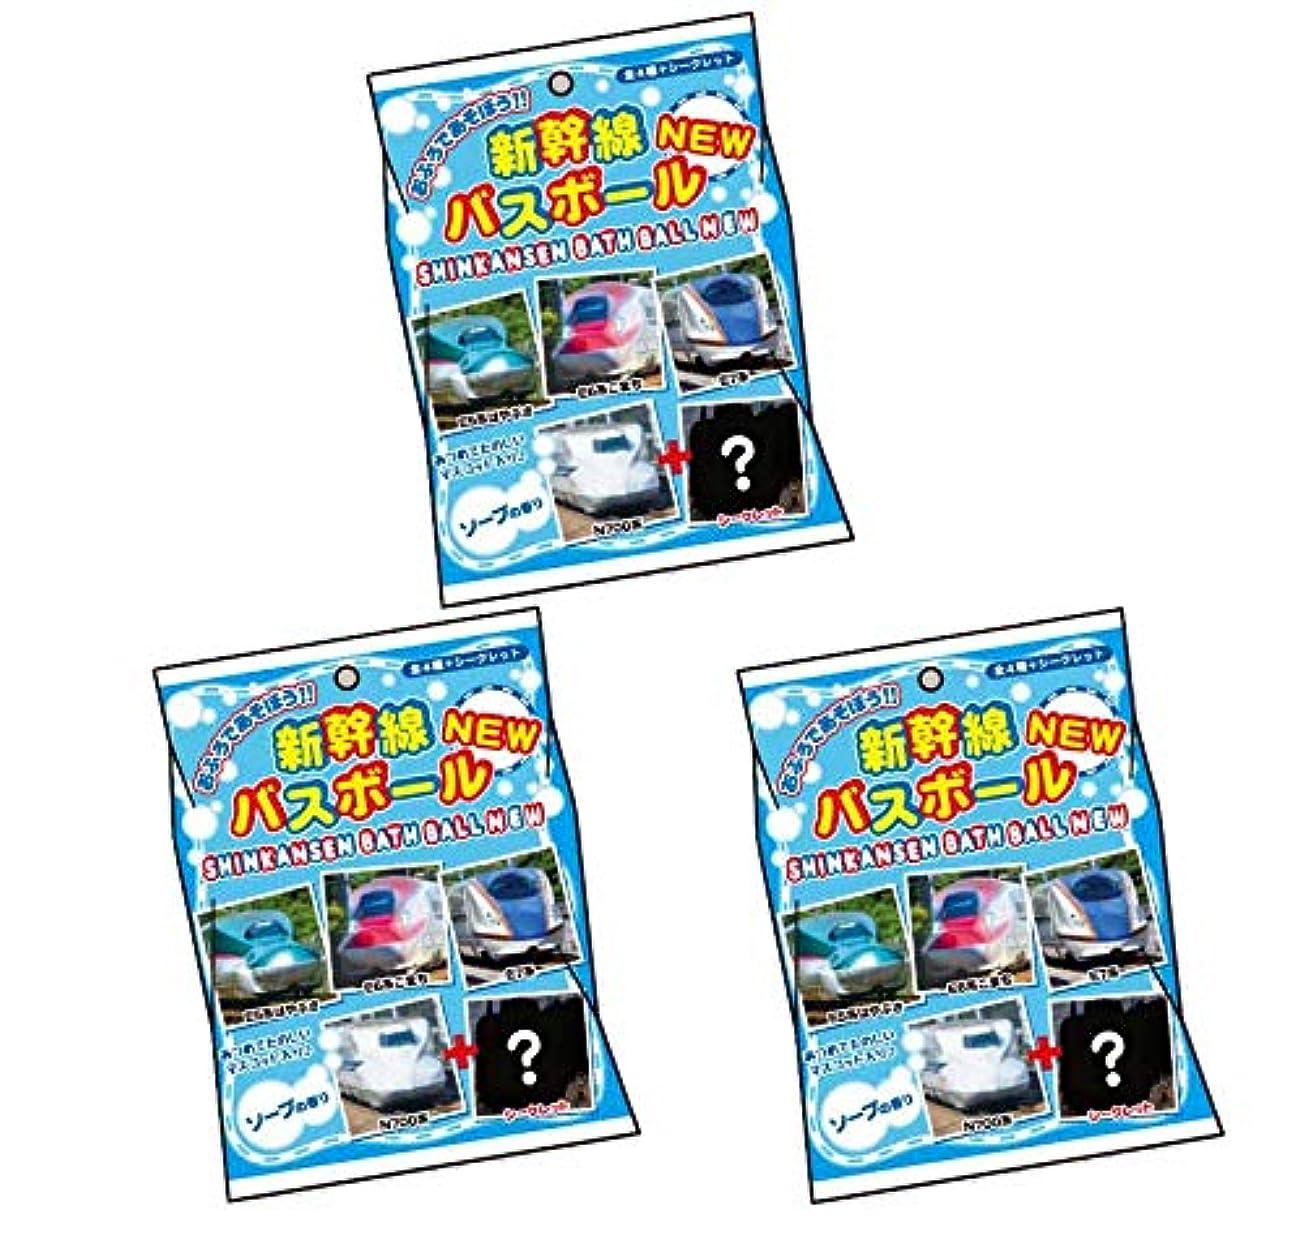 遊び場火山の無人JR新幹線 入浴剤 マスコットが飛び出るバスボール NEW 【3個セット】